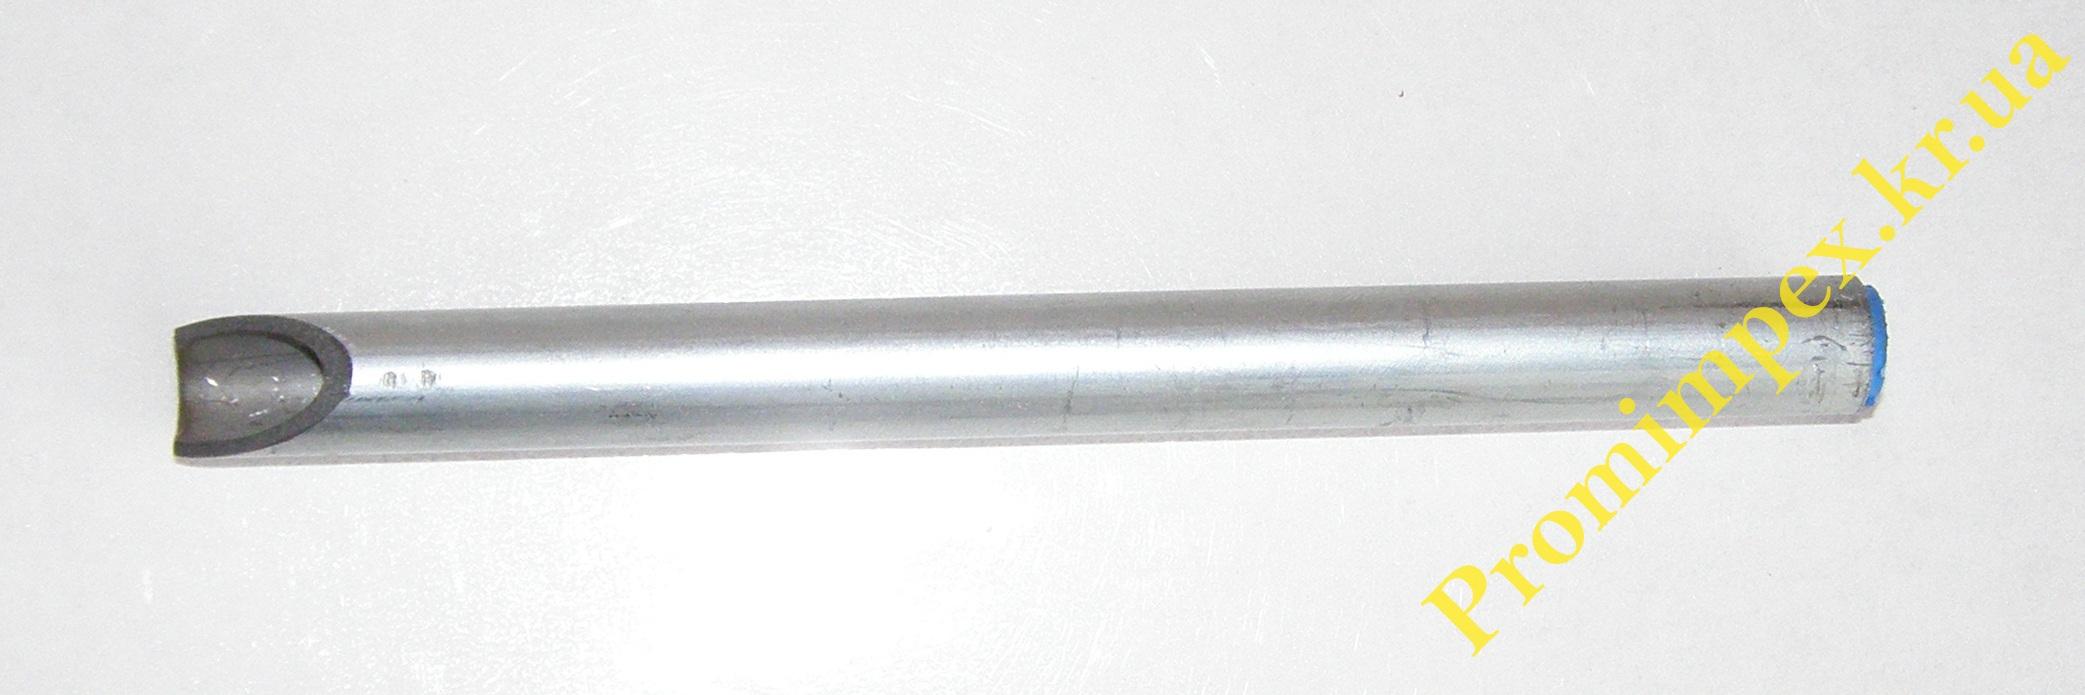 Труба гидравлическая бесшовная оцинкованная Ø 10мм